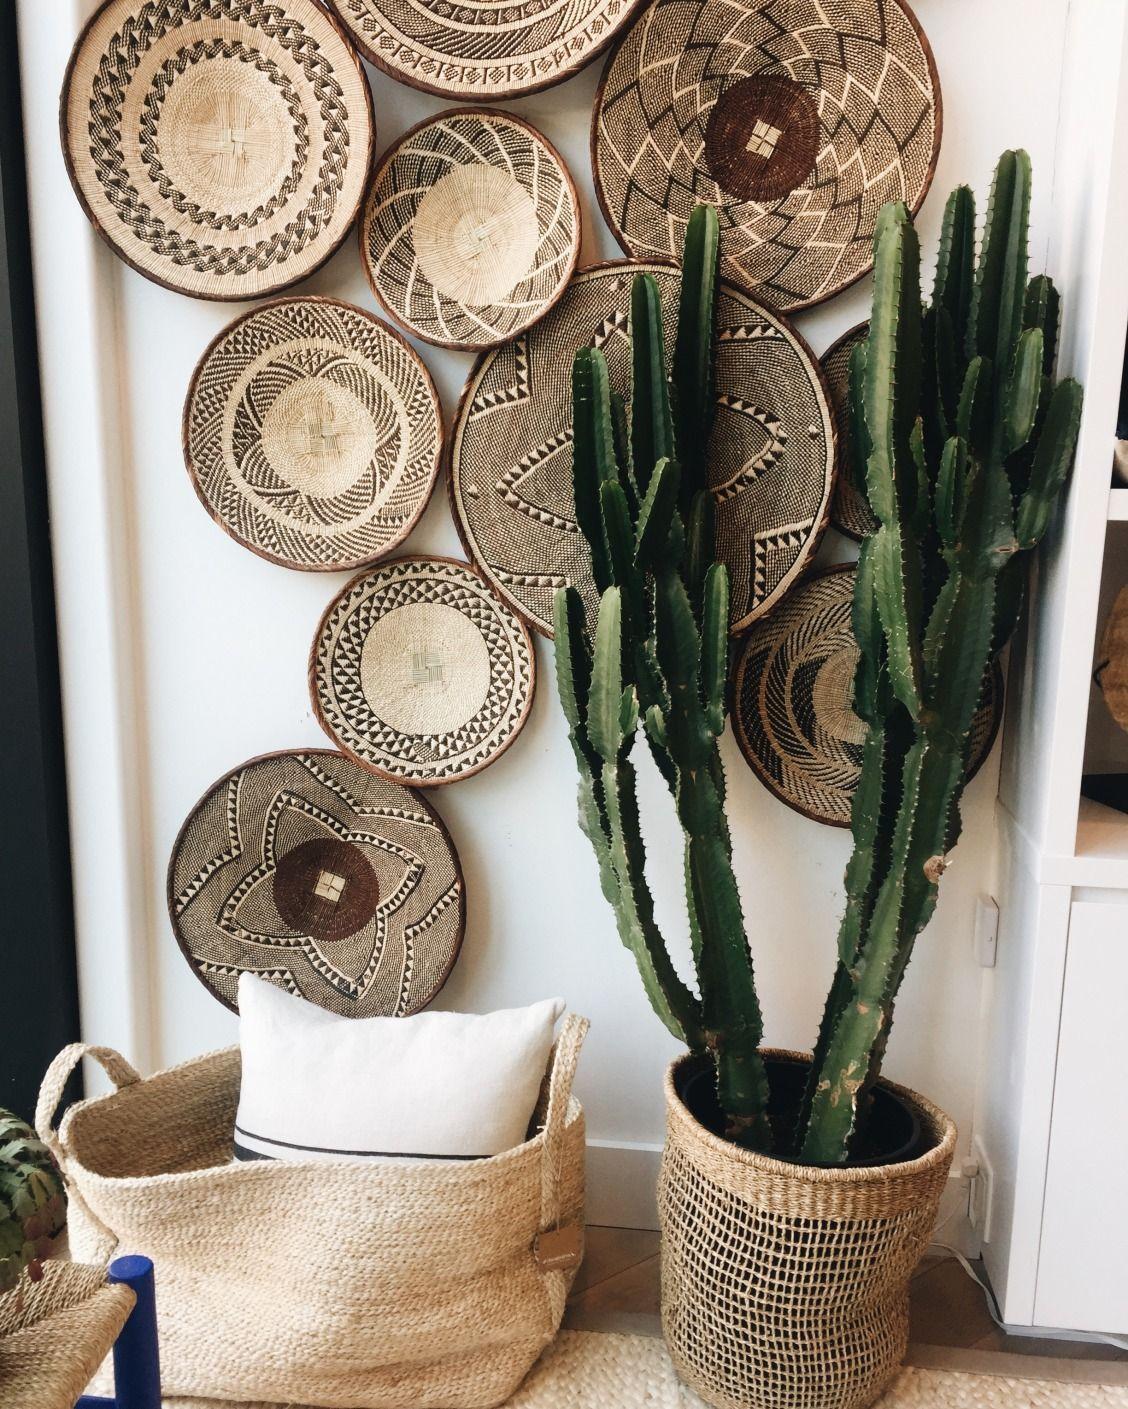 Matières naturelles : paille, raphia, rotin, bois s'invitent dans la décoration - Côté Maison